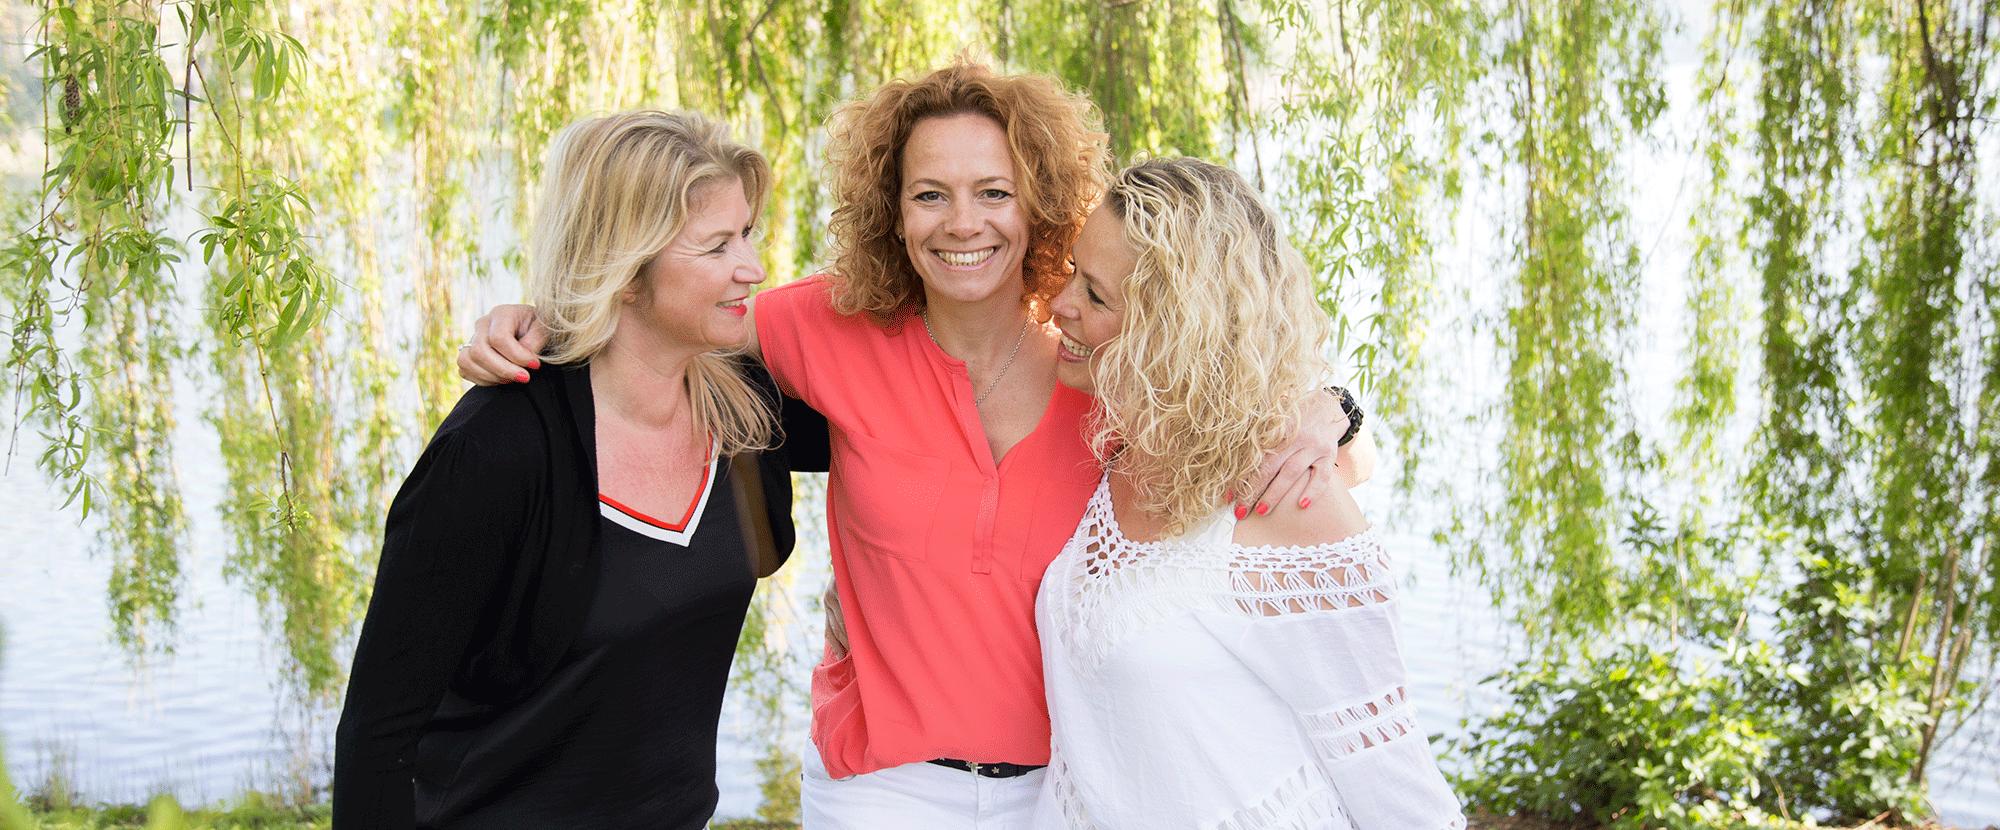 denbosch vriendinnenfotograaf